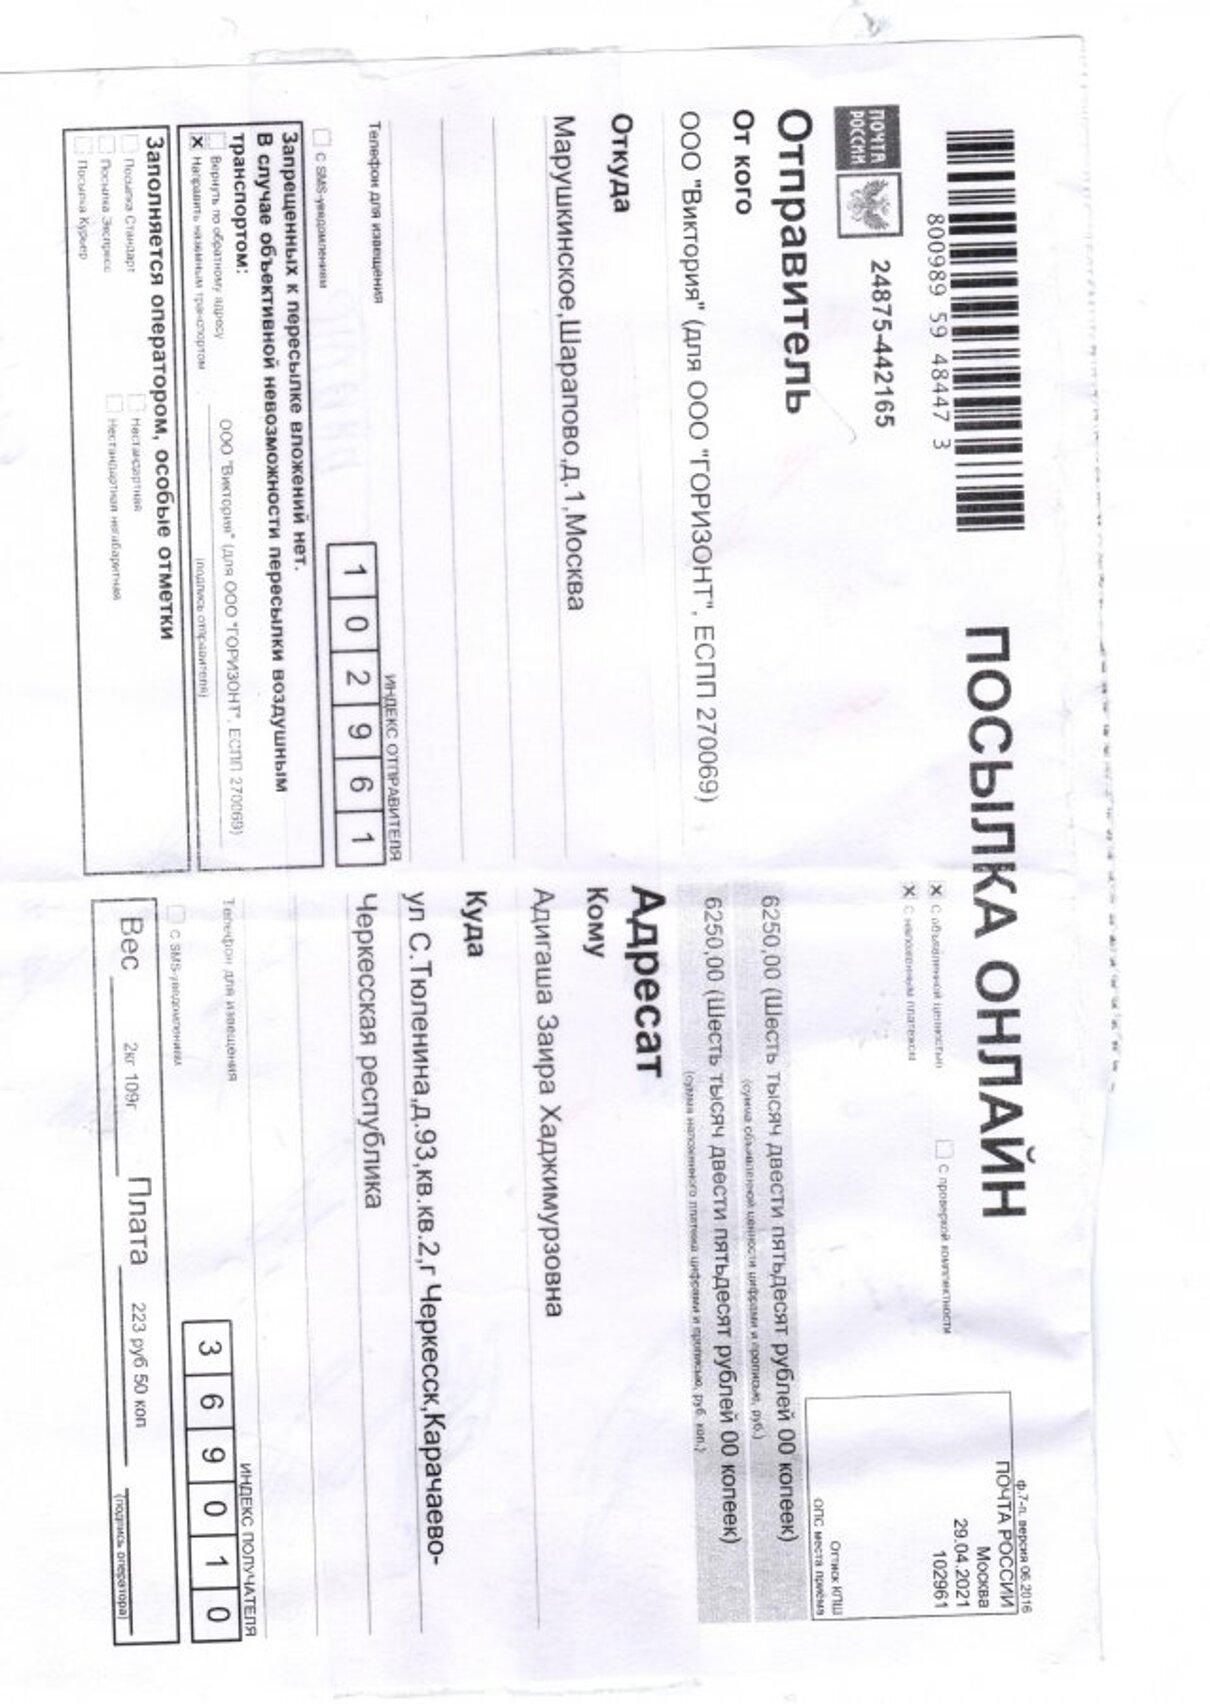 Жалоба-отзыв: ООО Виктория (для ООО Горизонт) - 4 брючных костюма.  Фото №2